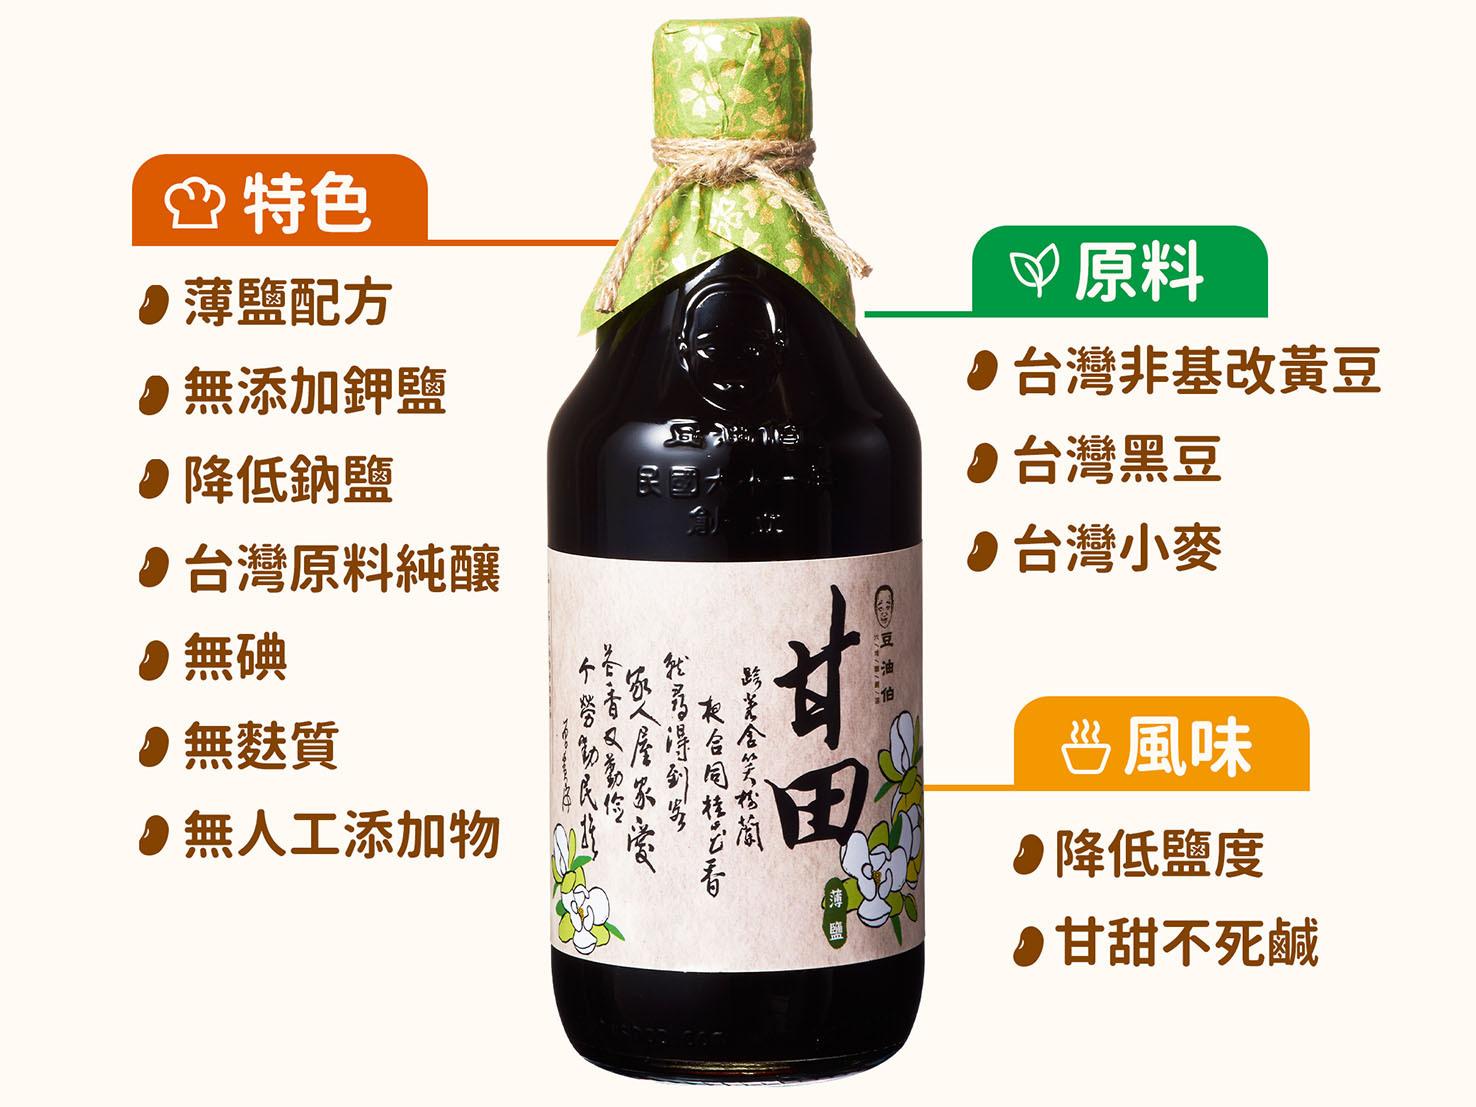 薄鹽低鈉也沒有鉀鹽的『甘田醬油』-就是比較健康